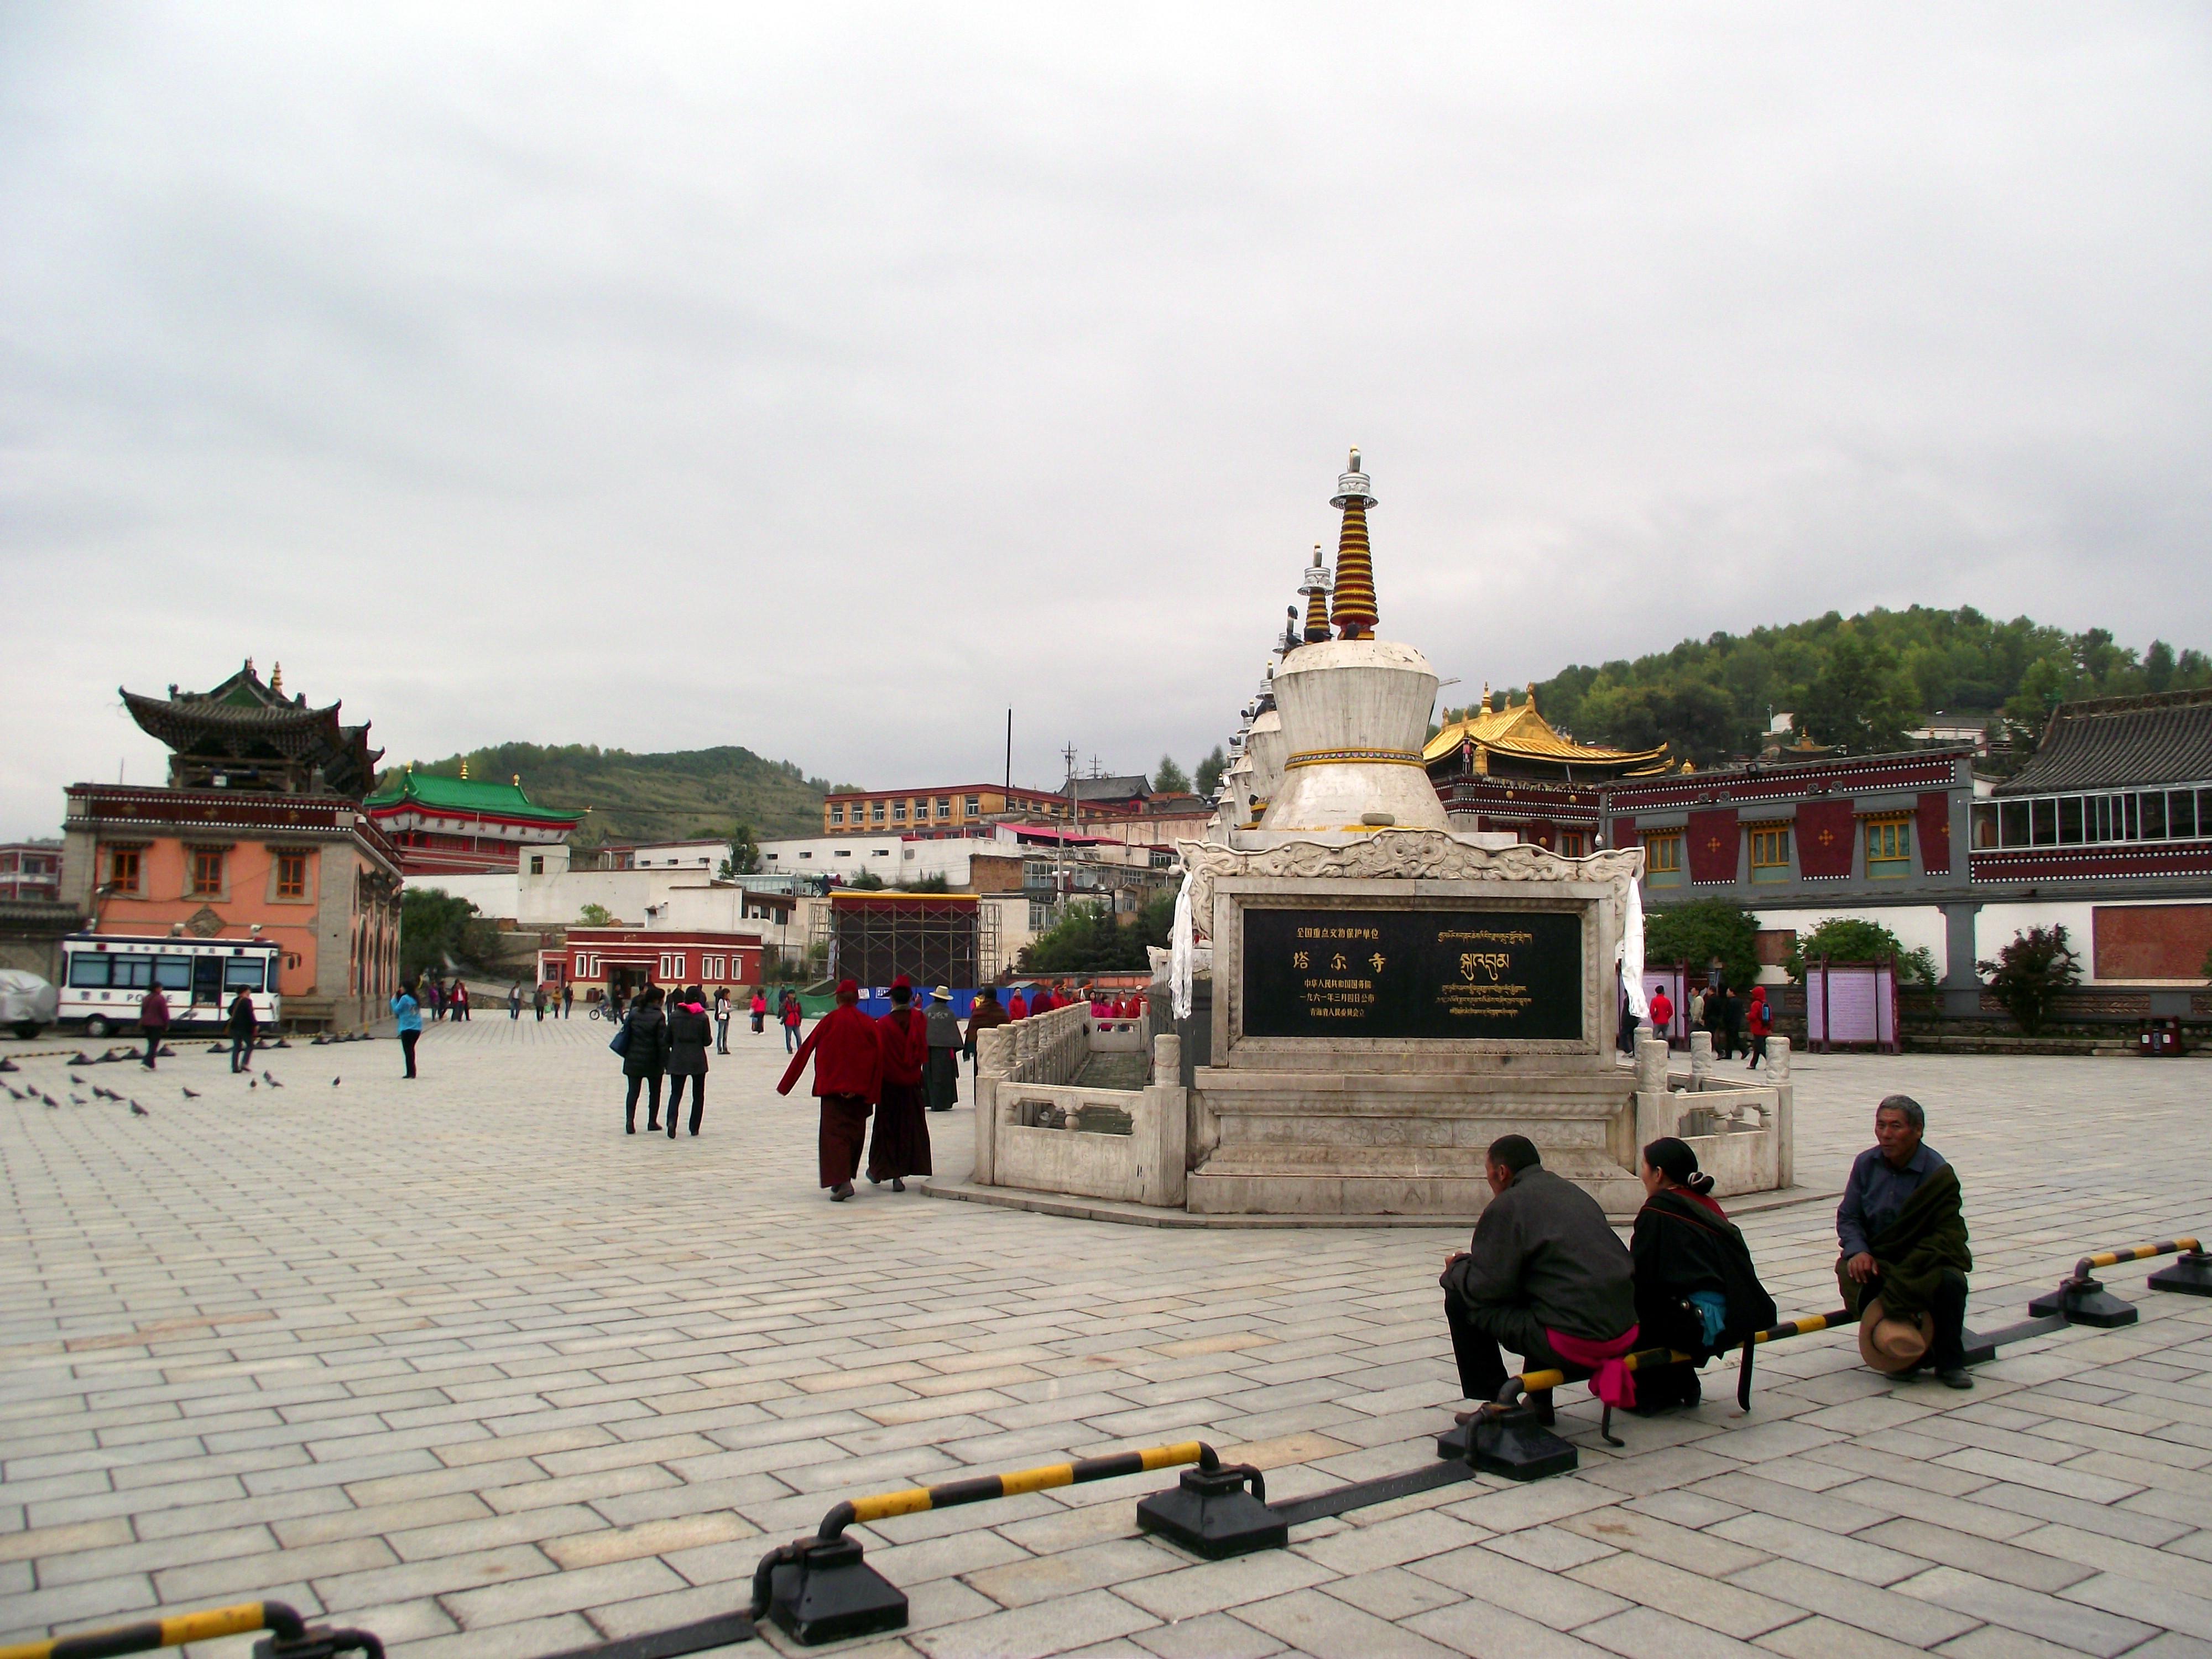 青海西宁甘肃张掖深度游 7天游塔尔寺,茶卡盐湖,祁连山雪峰等大小景